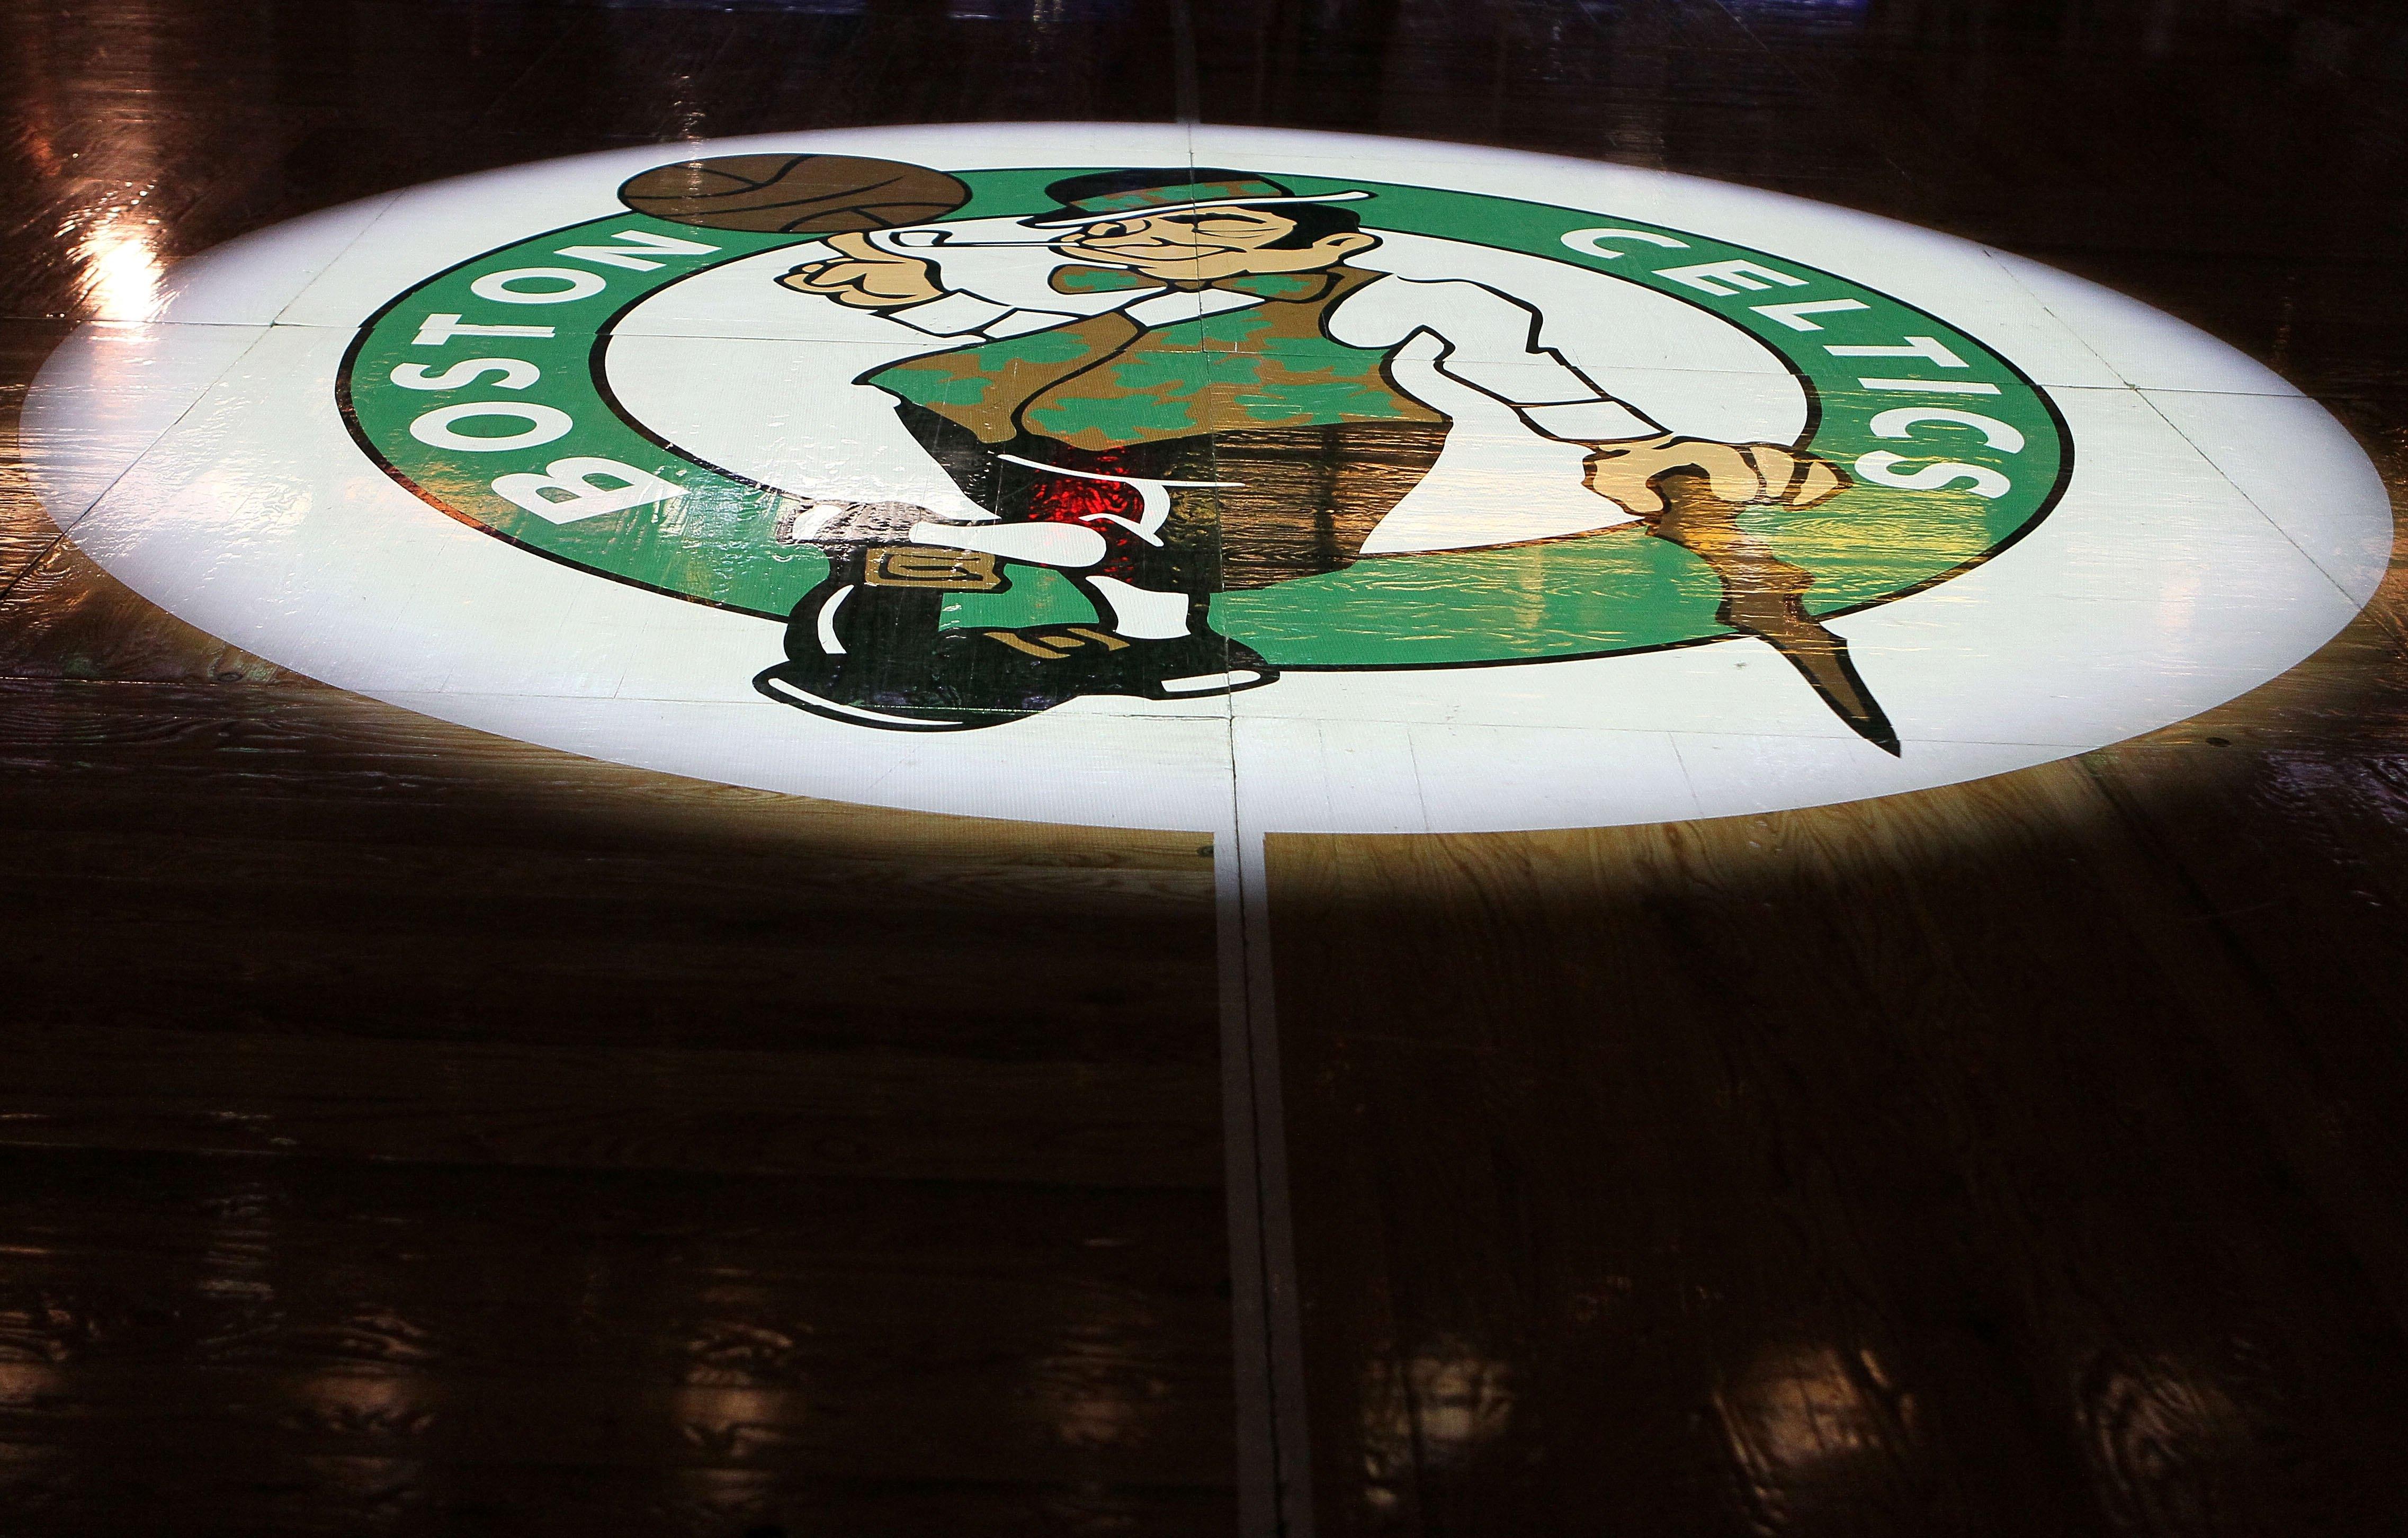 Orlando Magic v Boston Celtics, Game 4